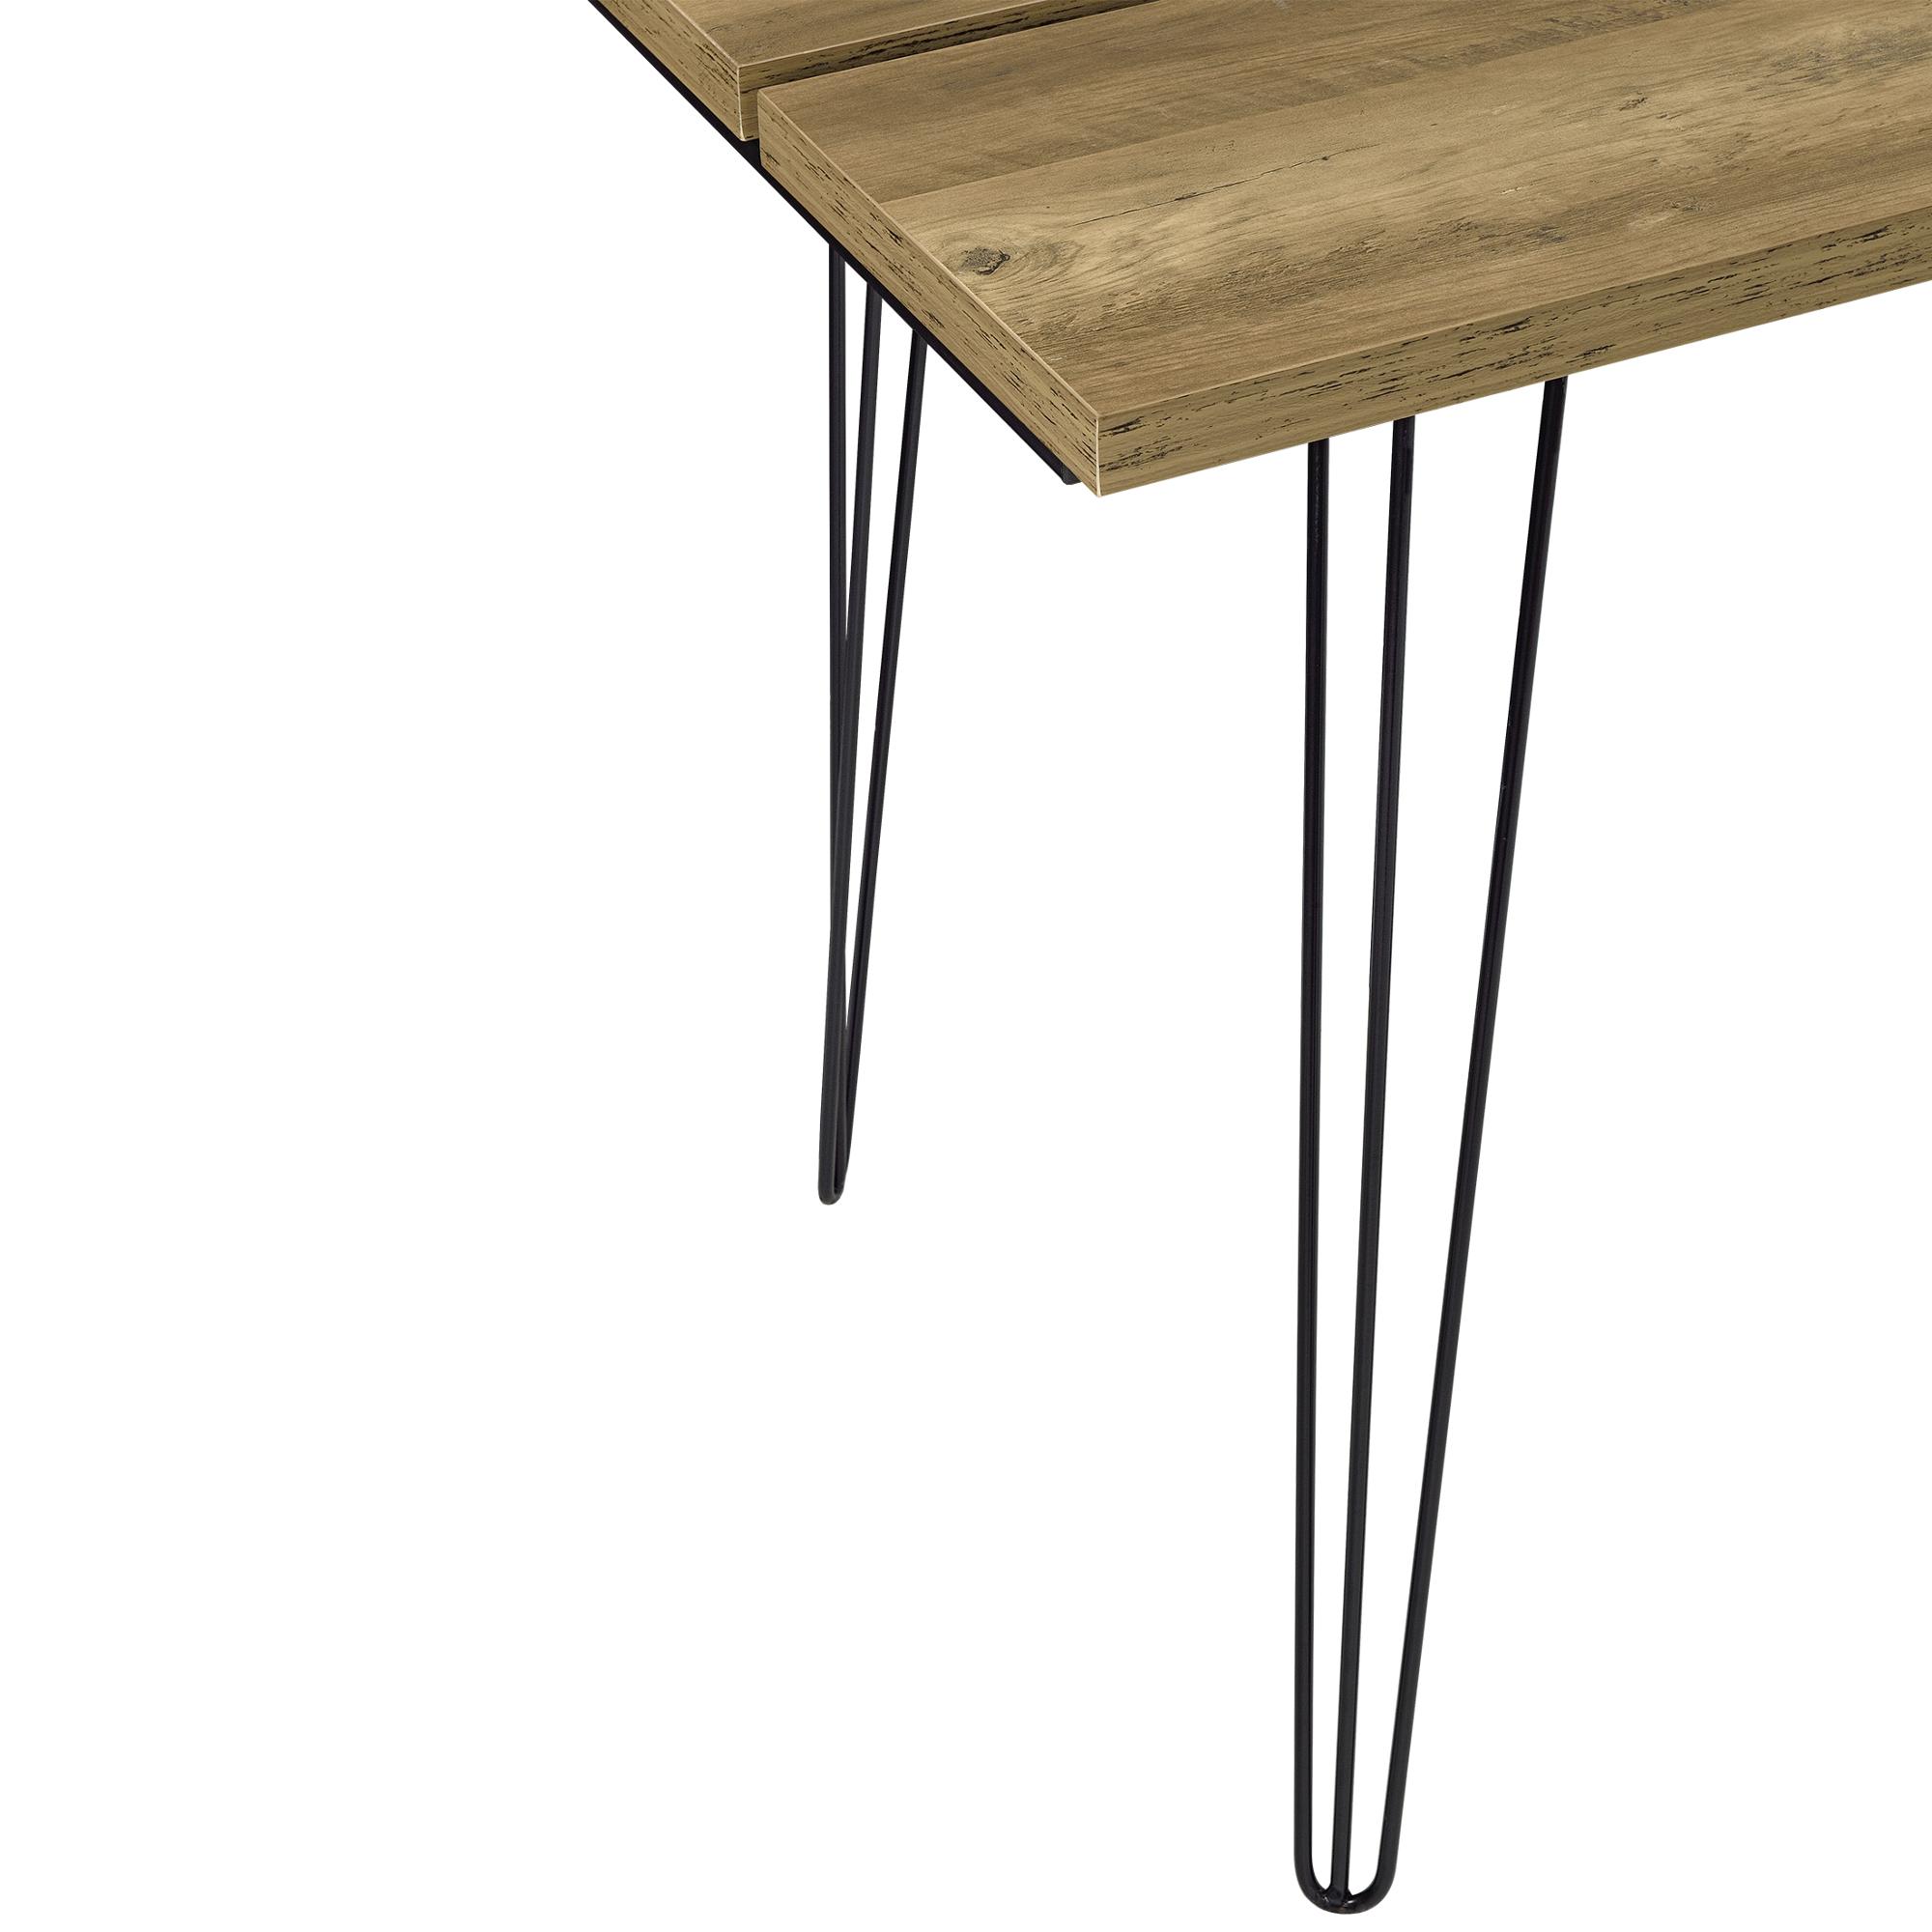 Esstisch 120x60cm k chentisch esszimmer tisch for Esstisch ebay